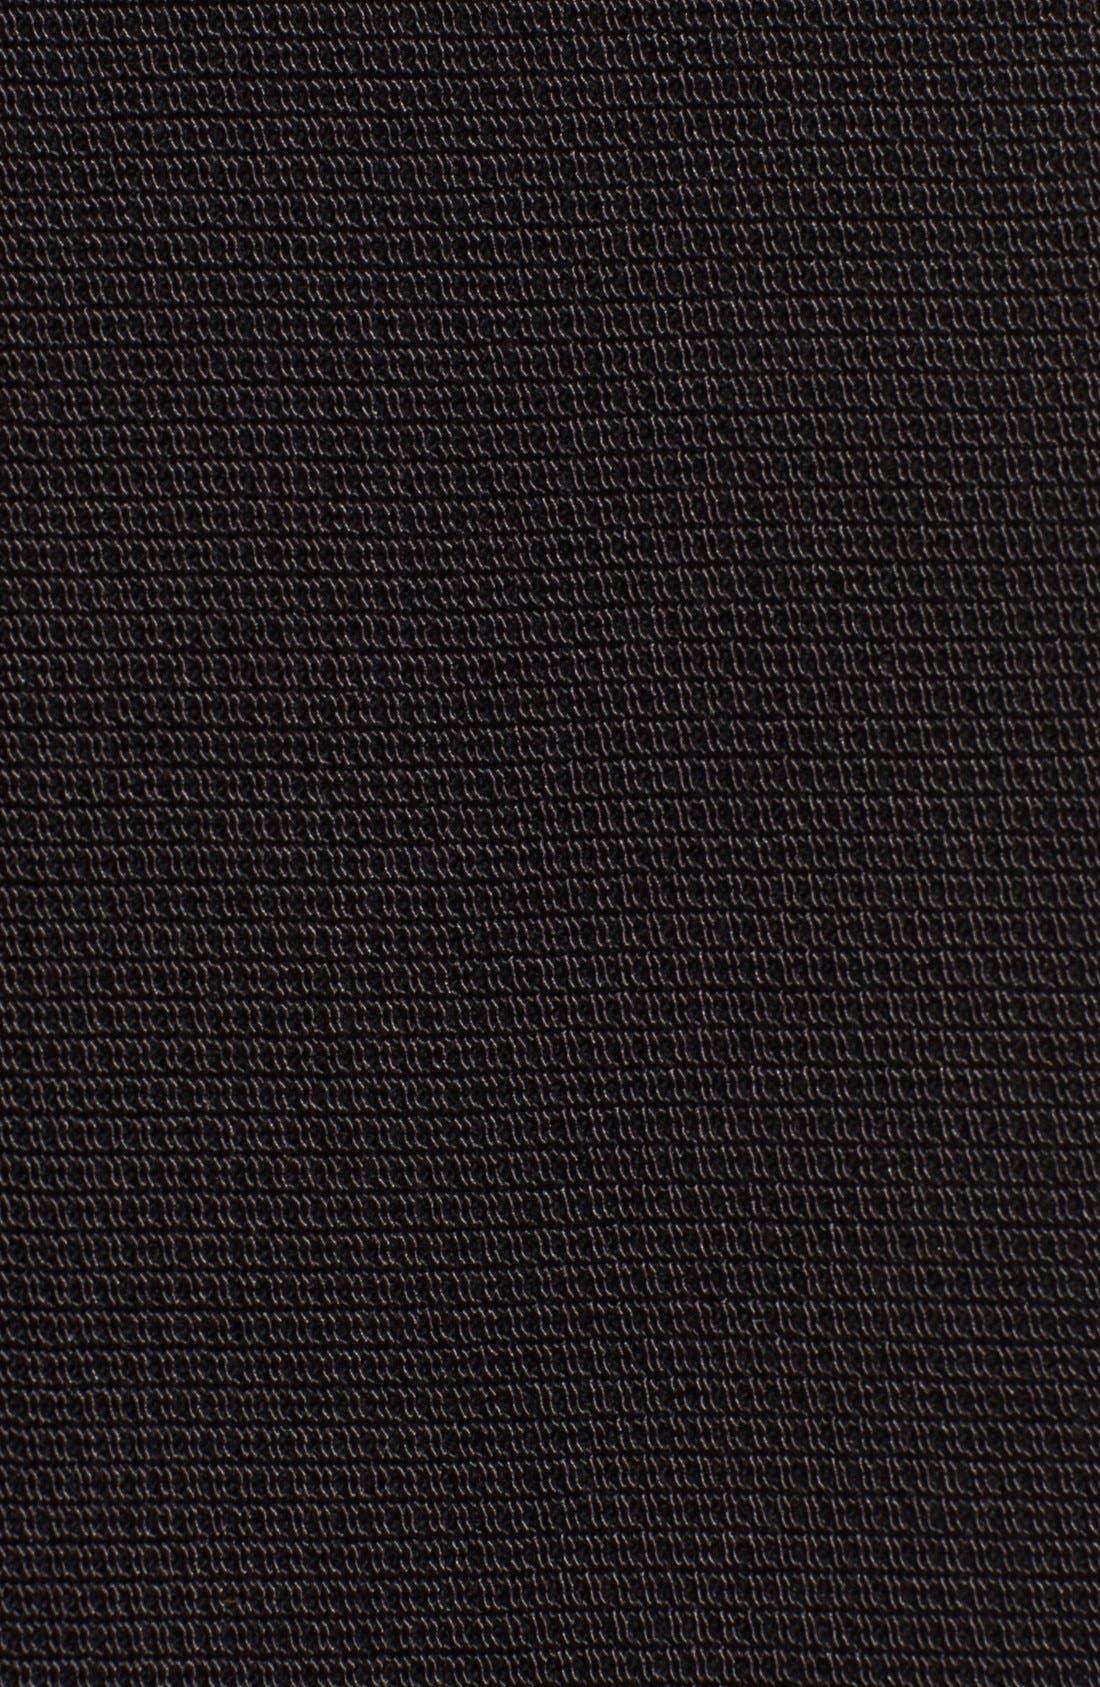 Alternate Image 3  - Veronica Beard Leather Sleeve Varsity Jacket